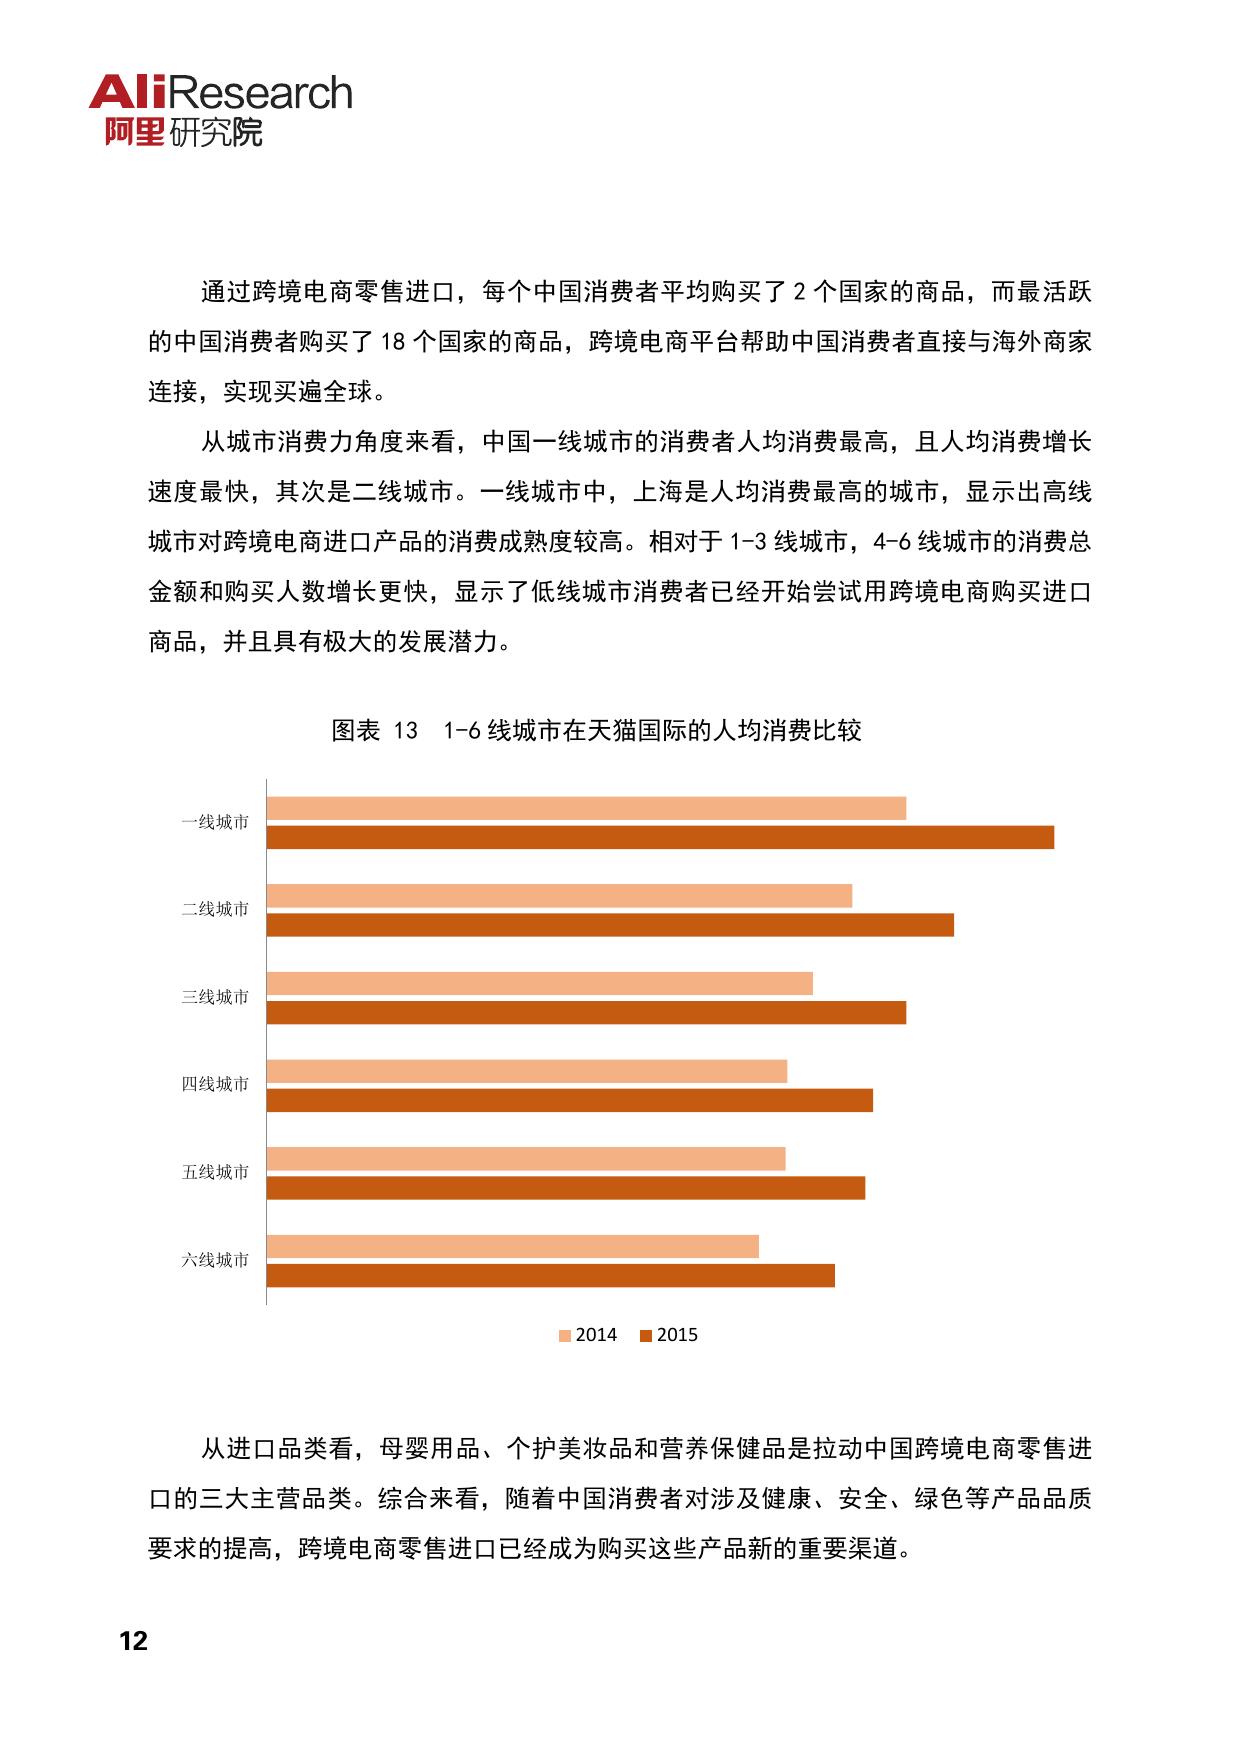 2016中国跨境电商发展报告_000016